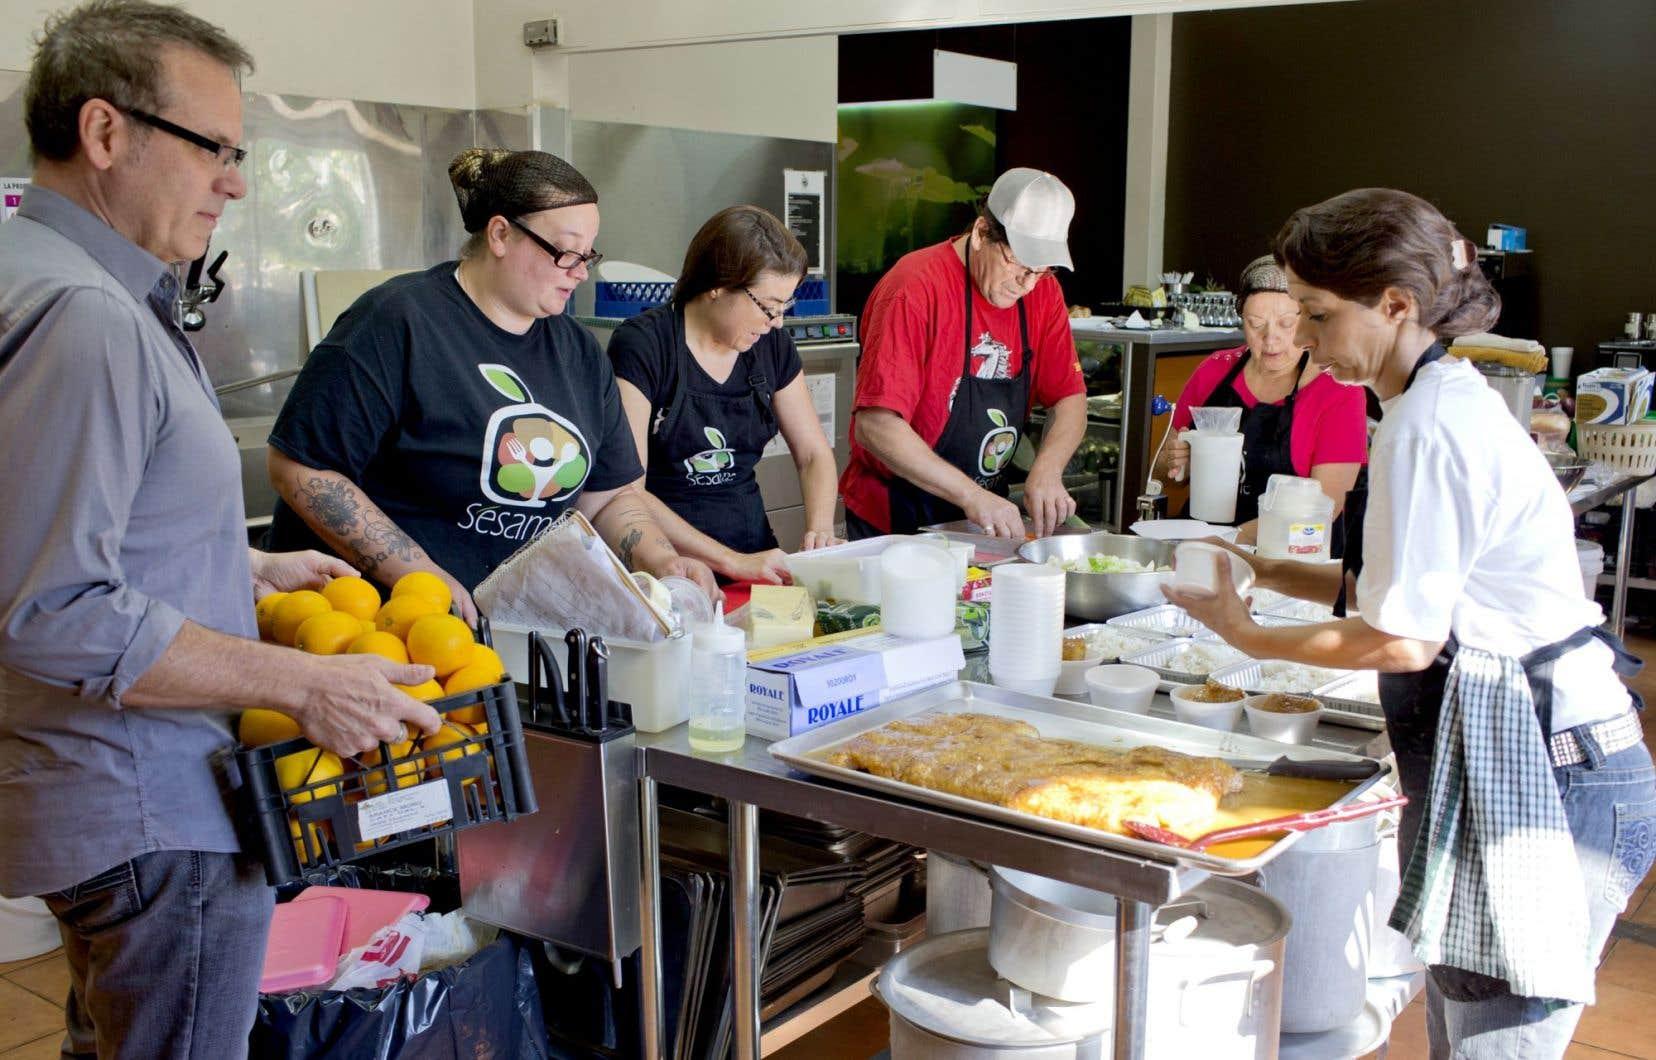 En plus d'offrir des produits peu chers, l'organisation montréalaise Le Sésame favorise la socialisation.